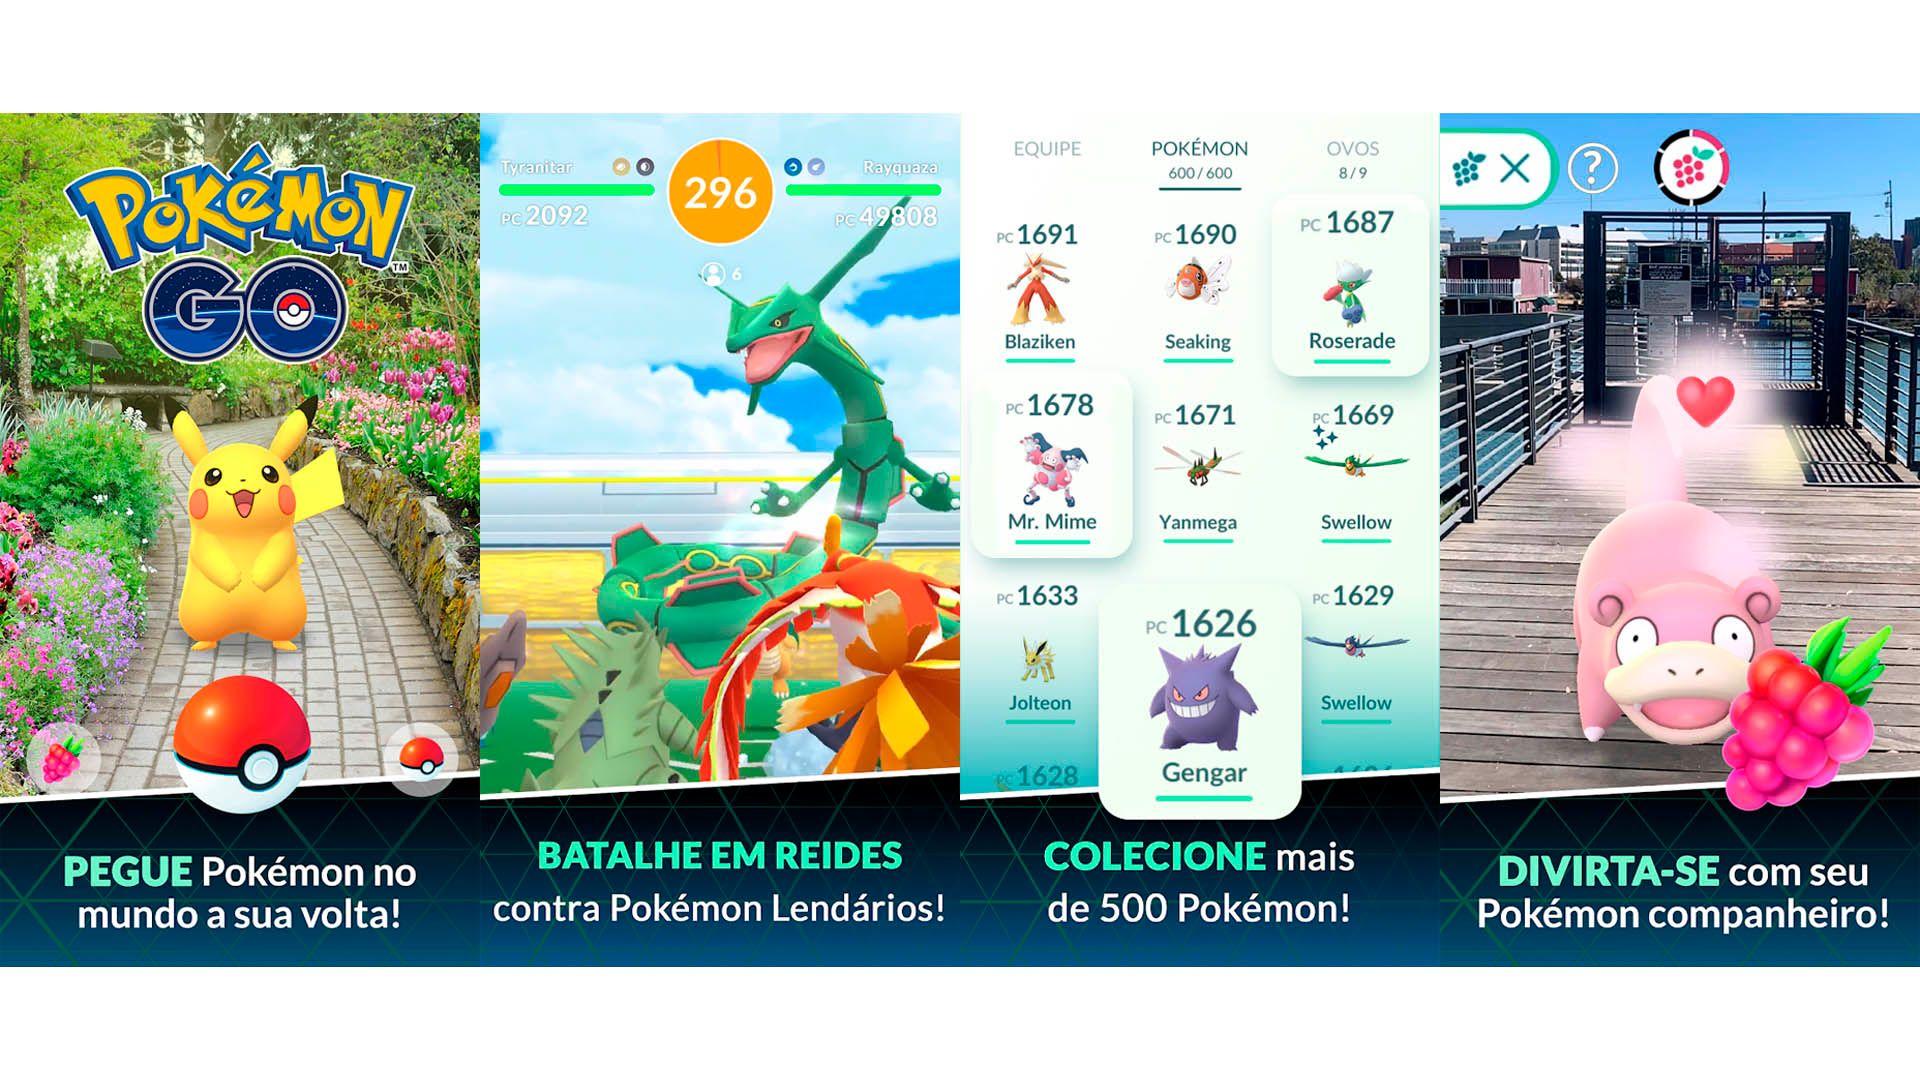 Imagens do jogo Pokémon Go